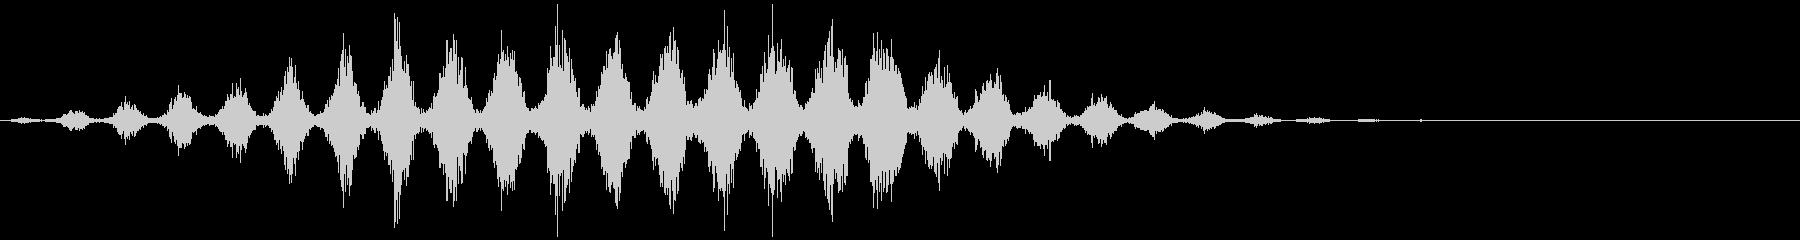 ワープ(チュチュチュ…+サーッ)の未再生の波形